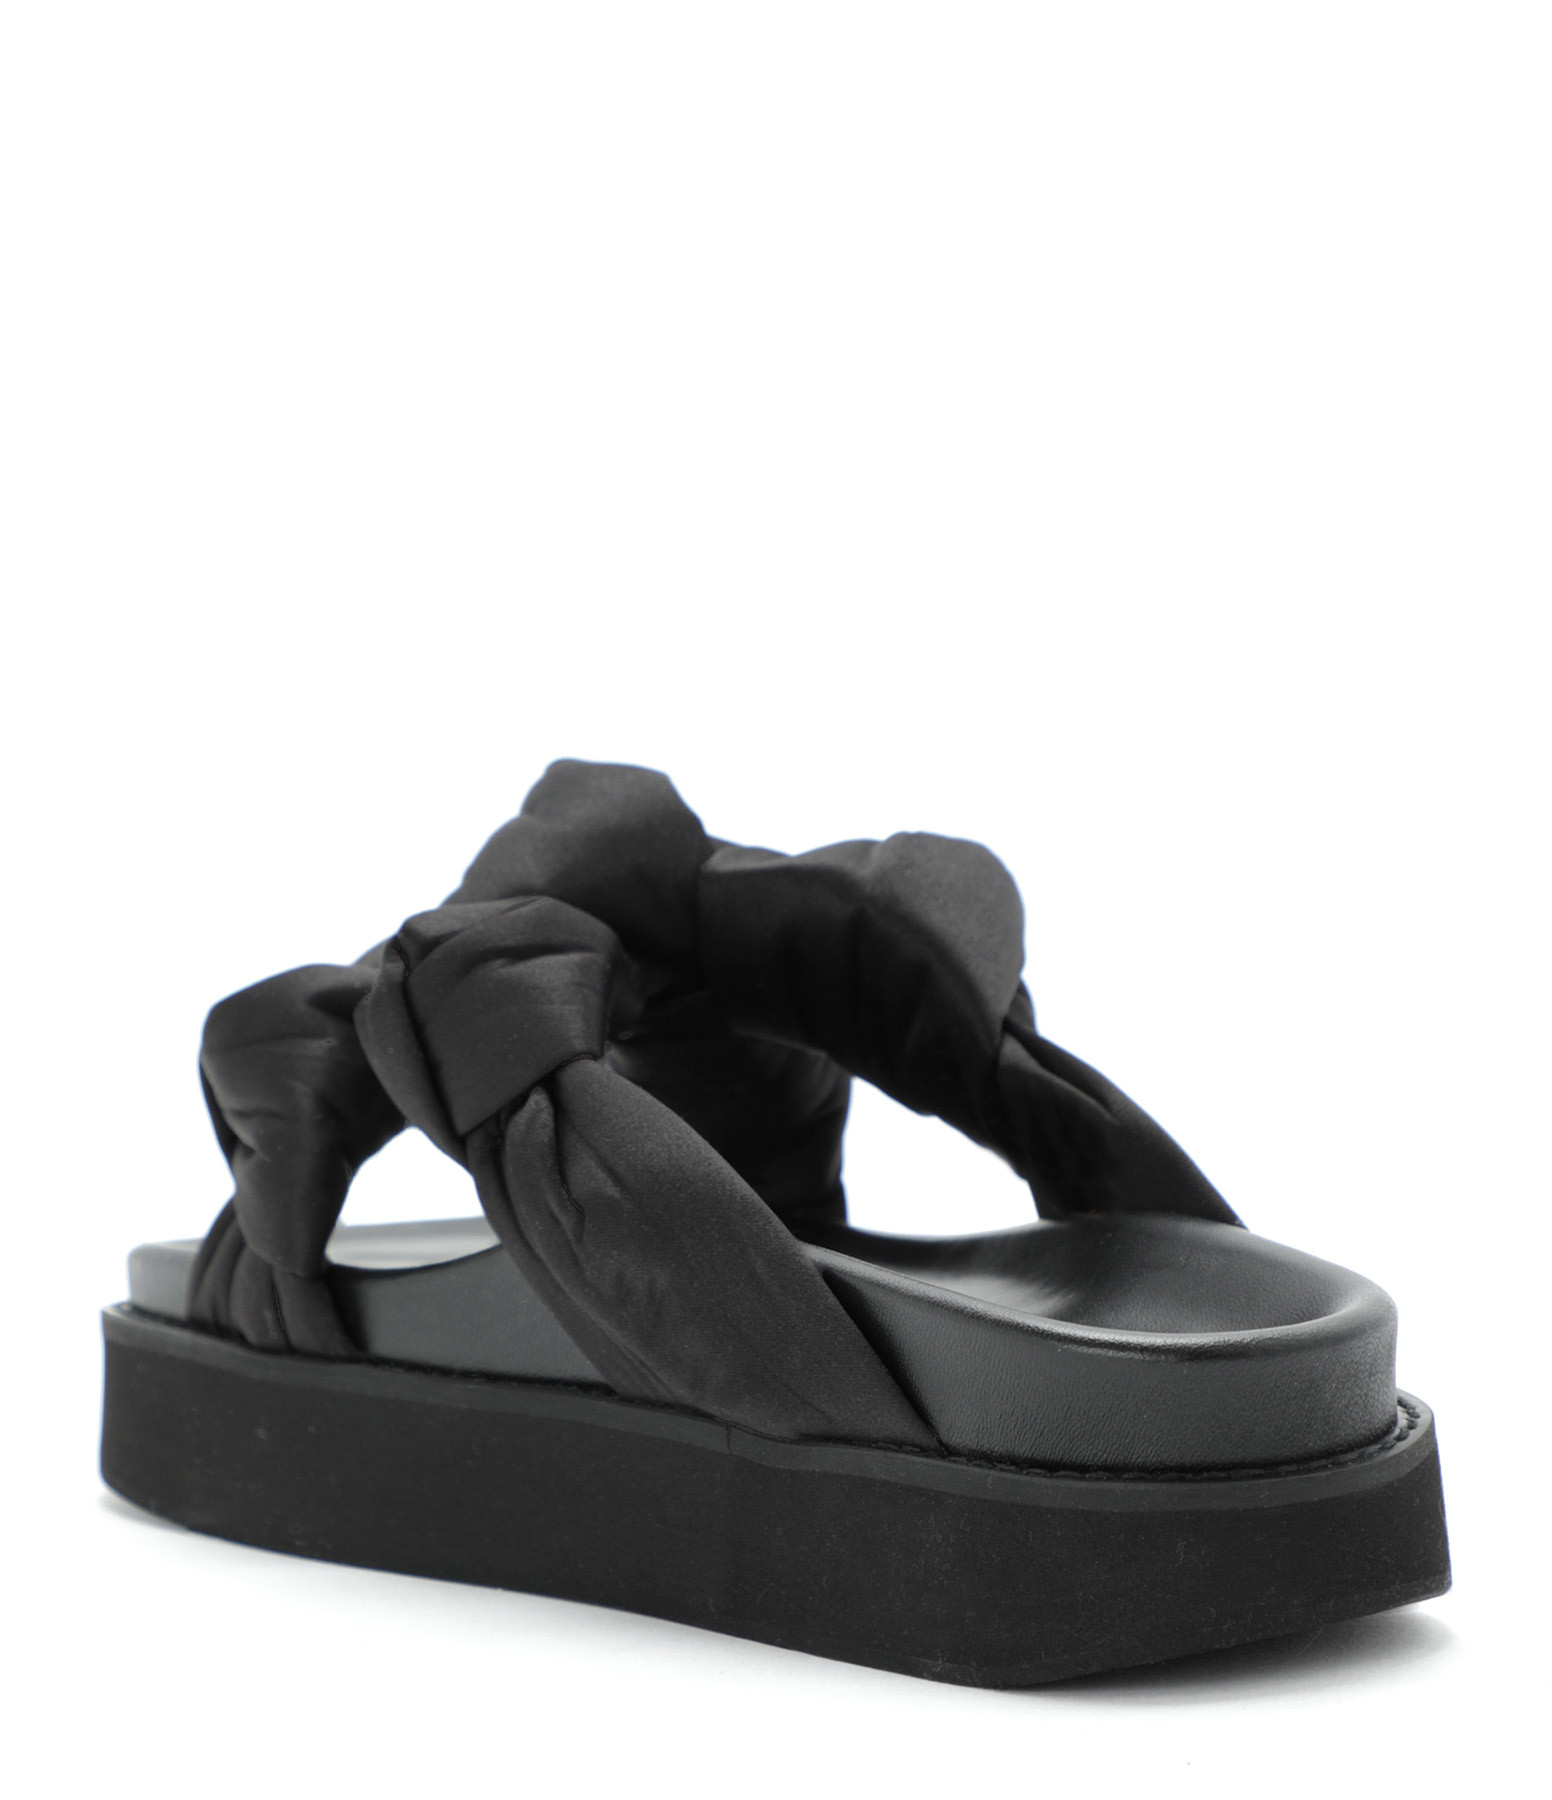 GANNI - Sandales Satin Biologique Noir